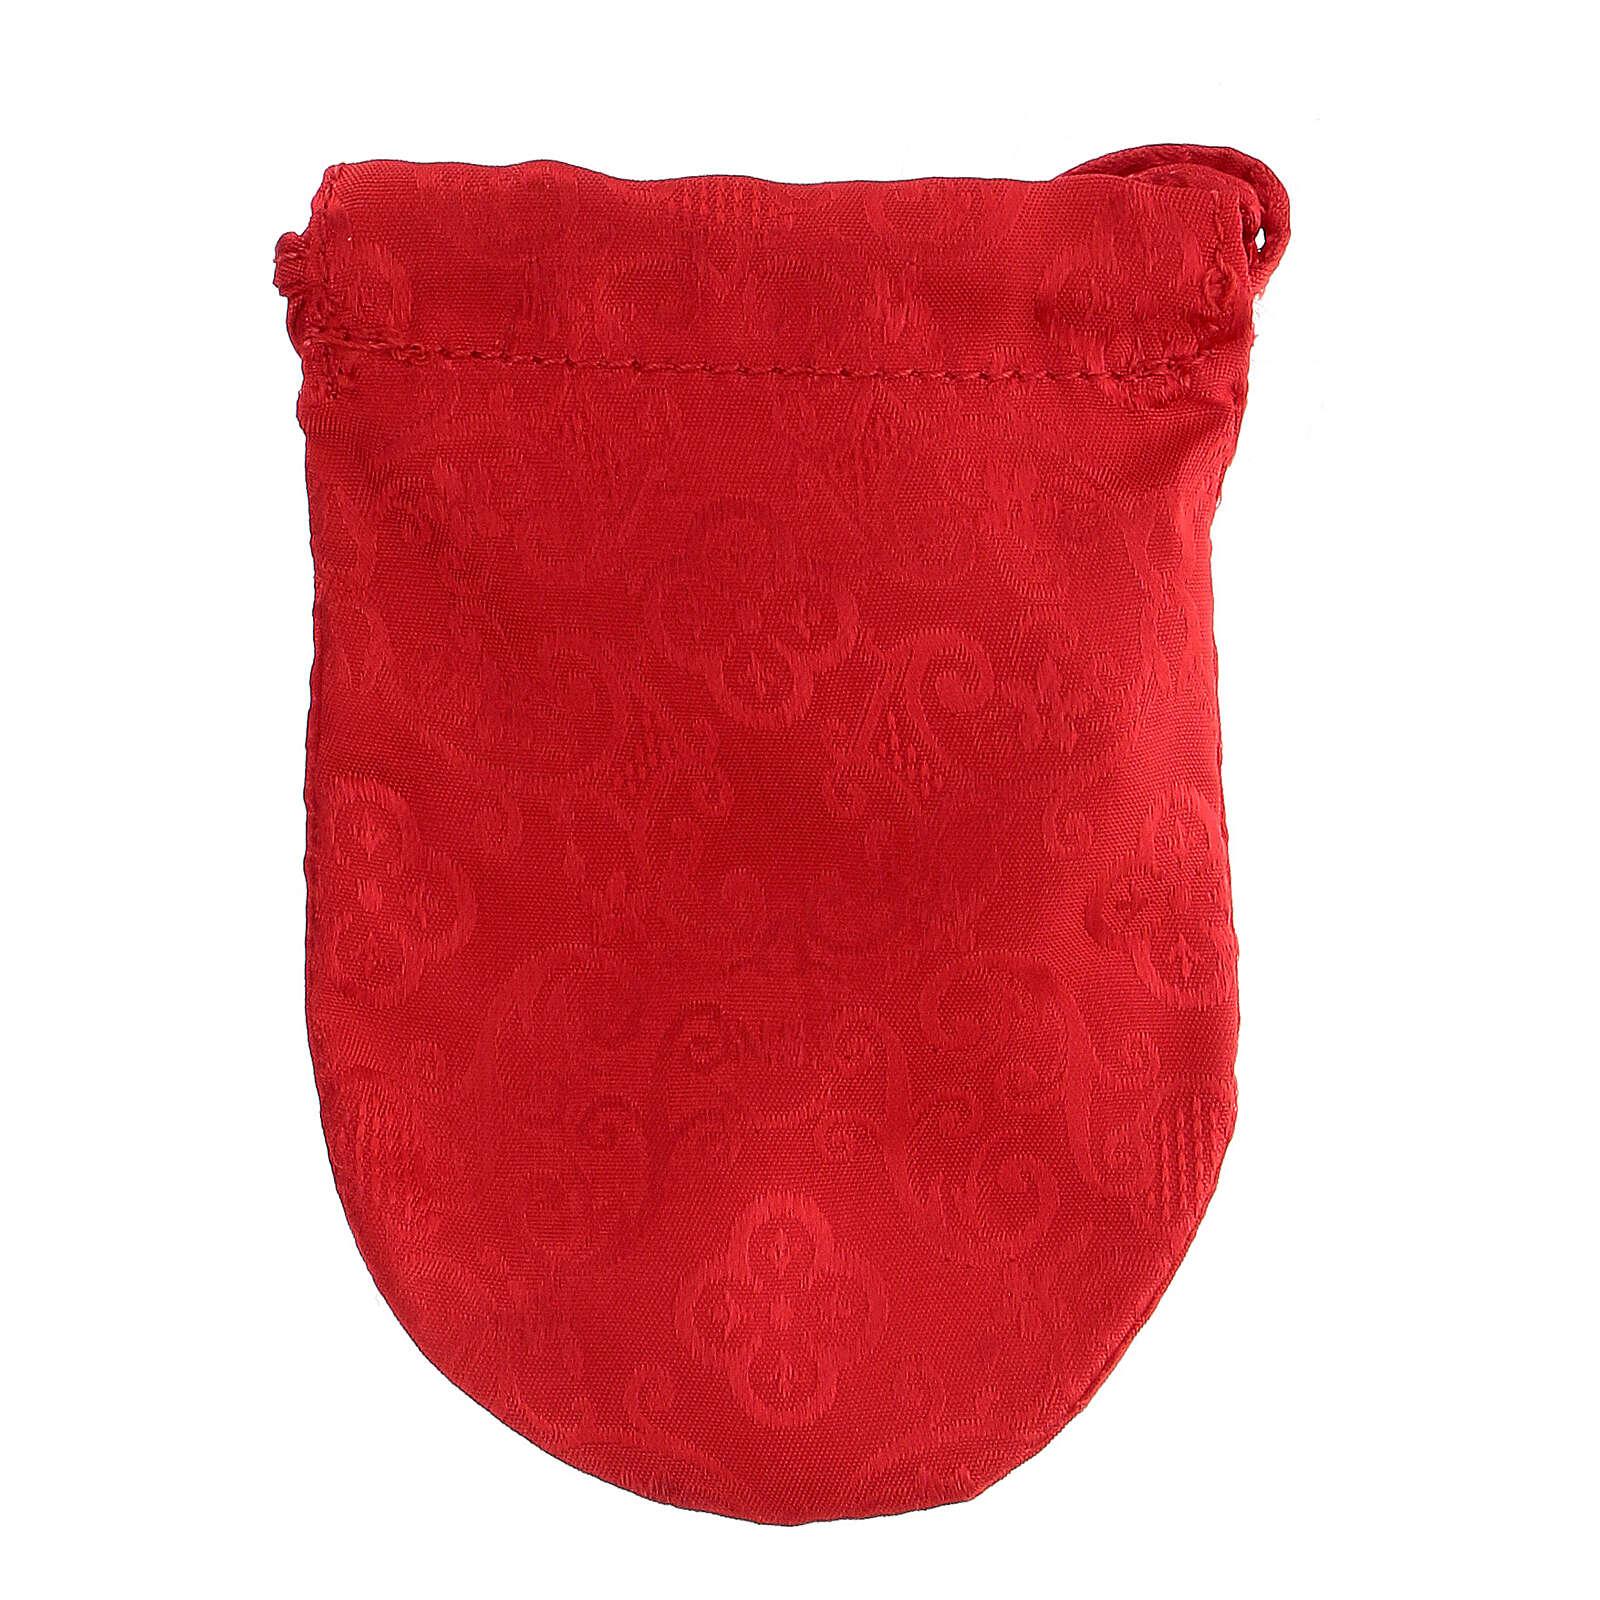 Sacchetto portaviatico in Jacquard rosso teca 8 cm 3